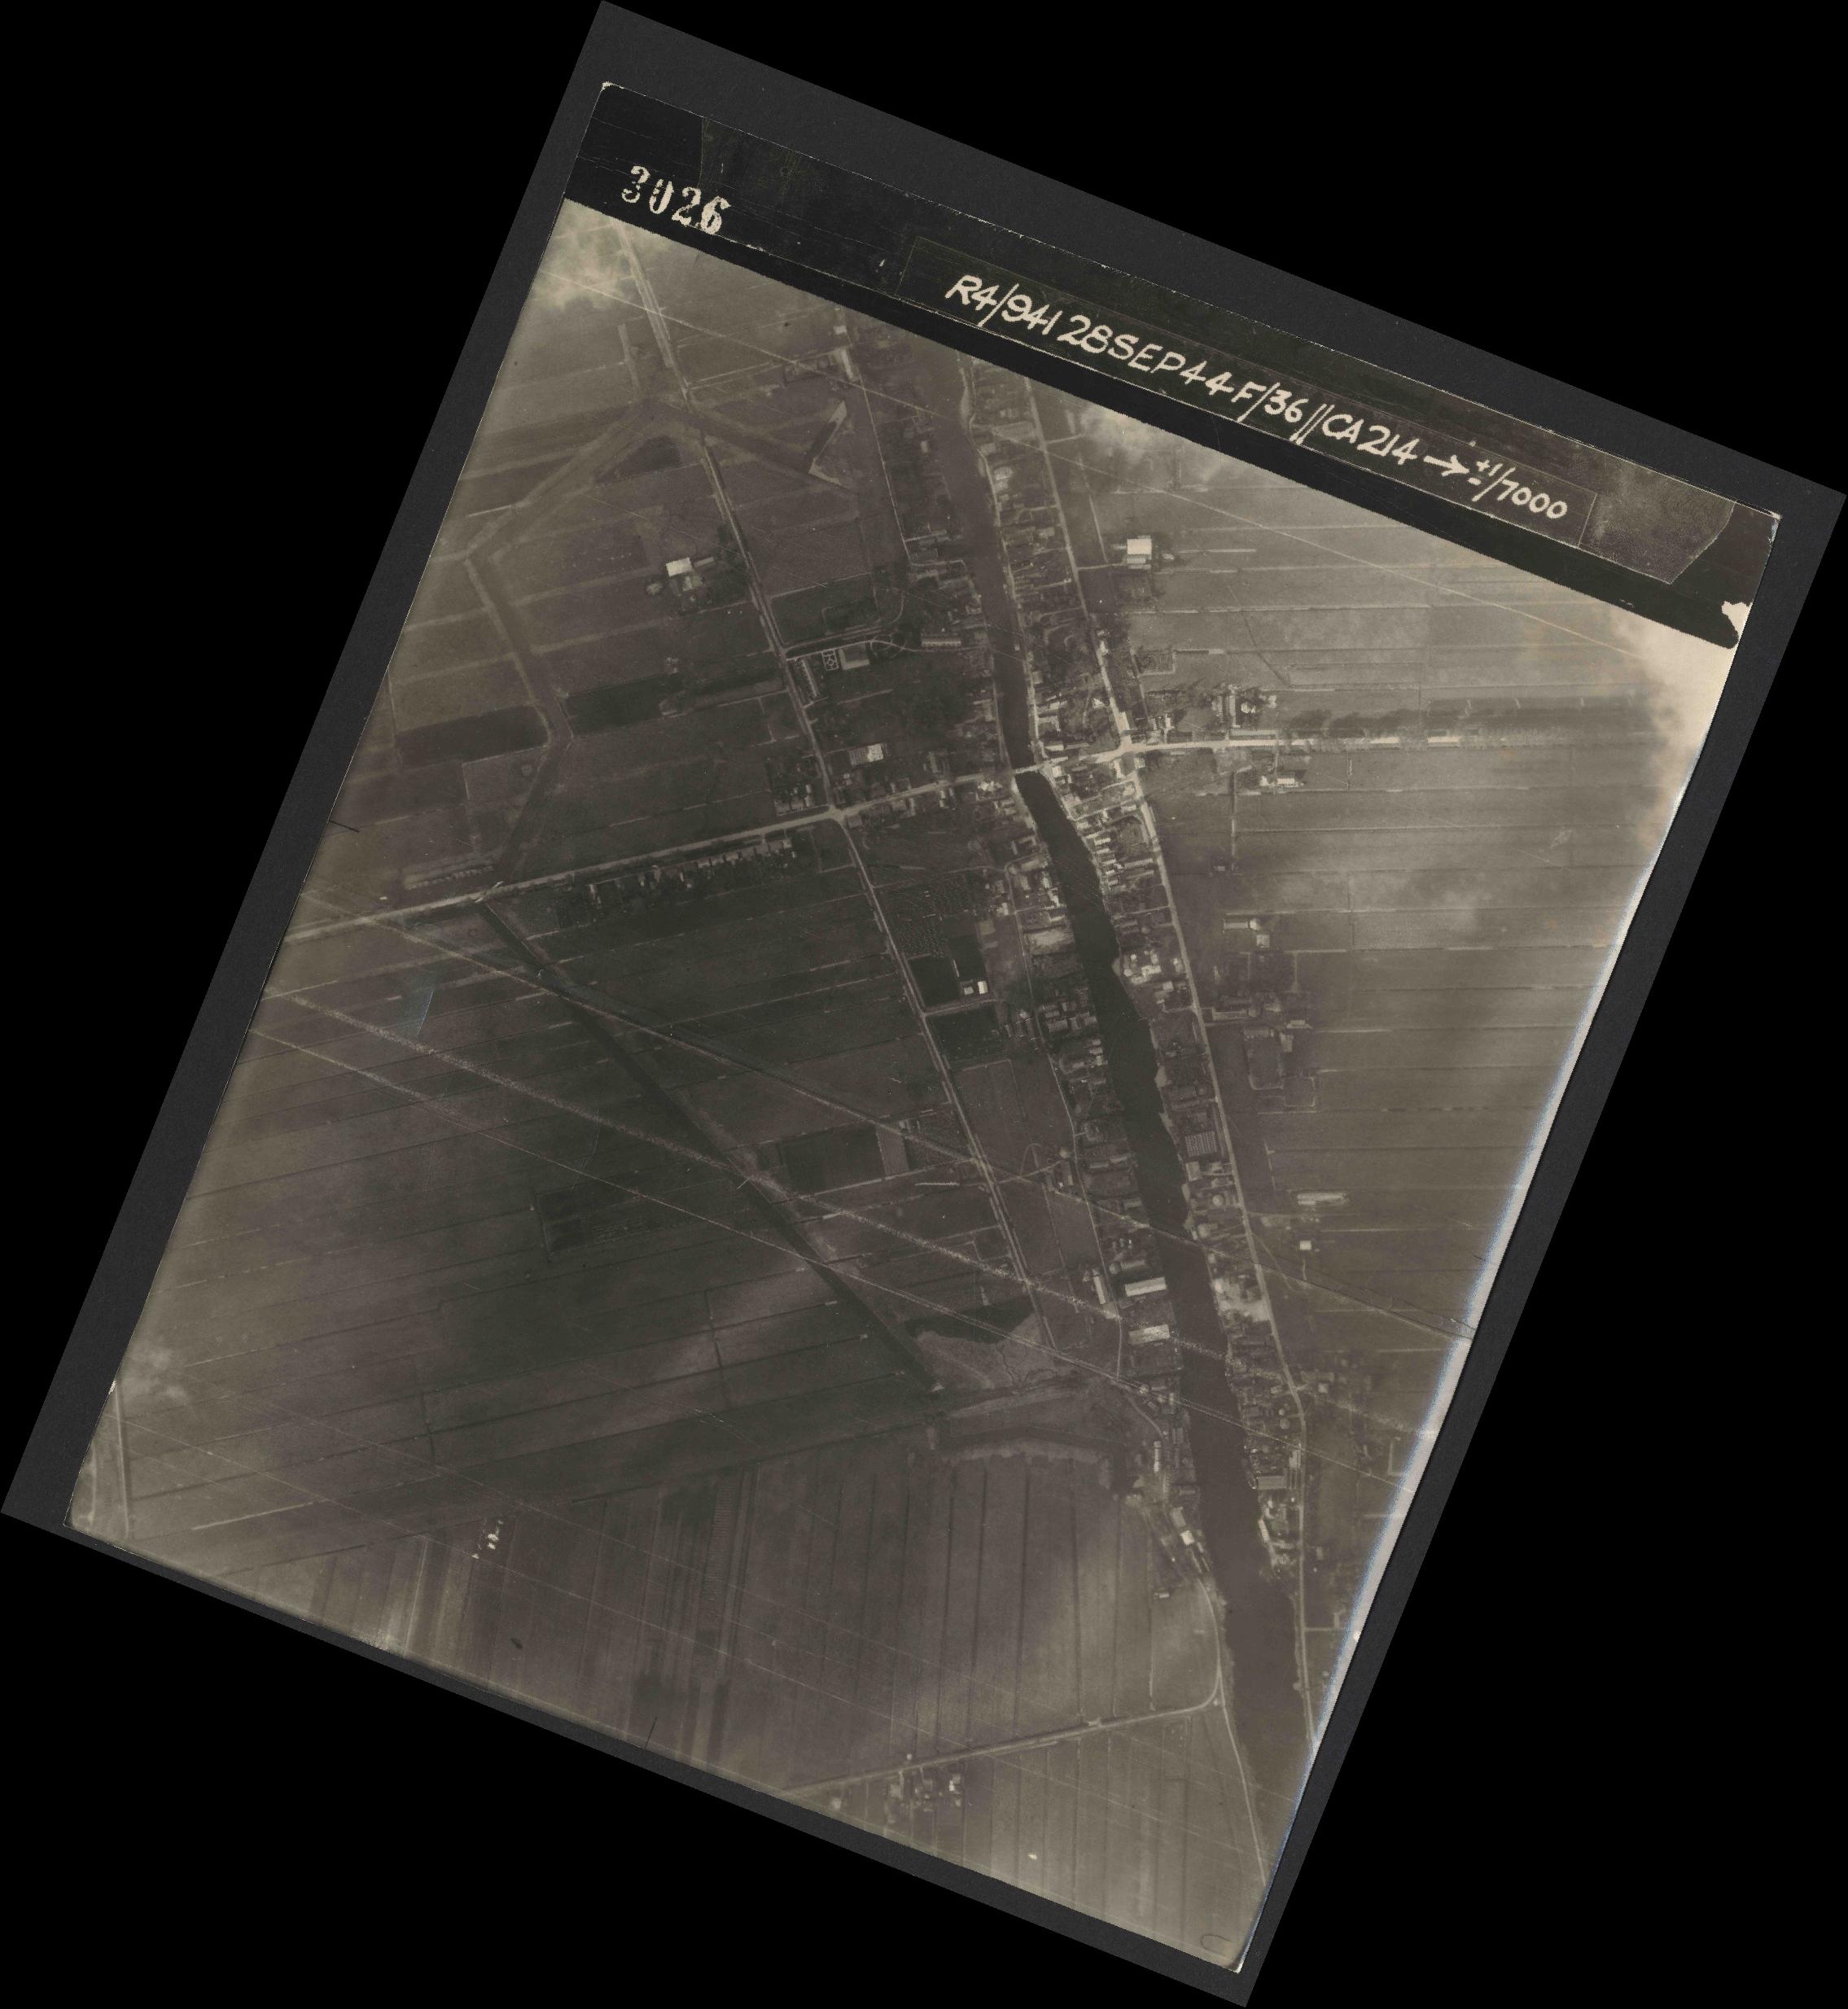 Collection RAF aerial photos 1940-1945 - flight 067, run 05, photo 3026